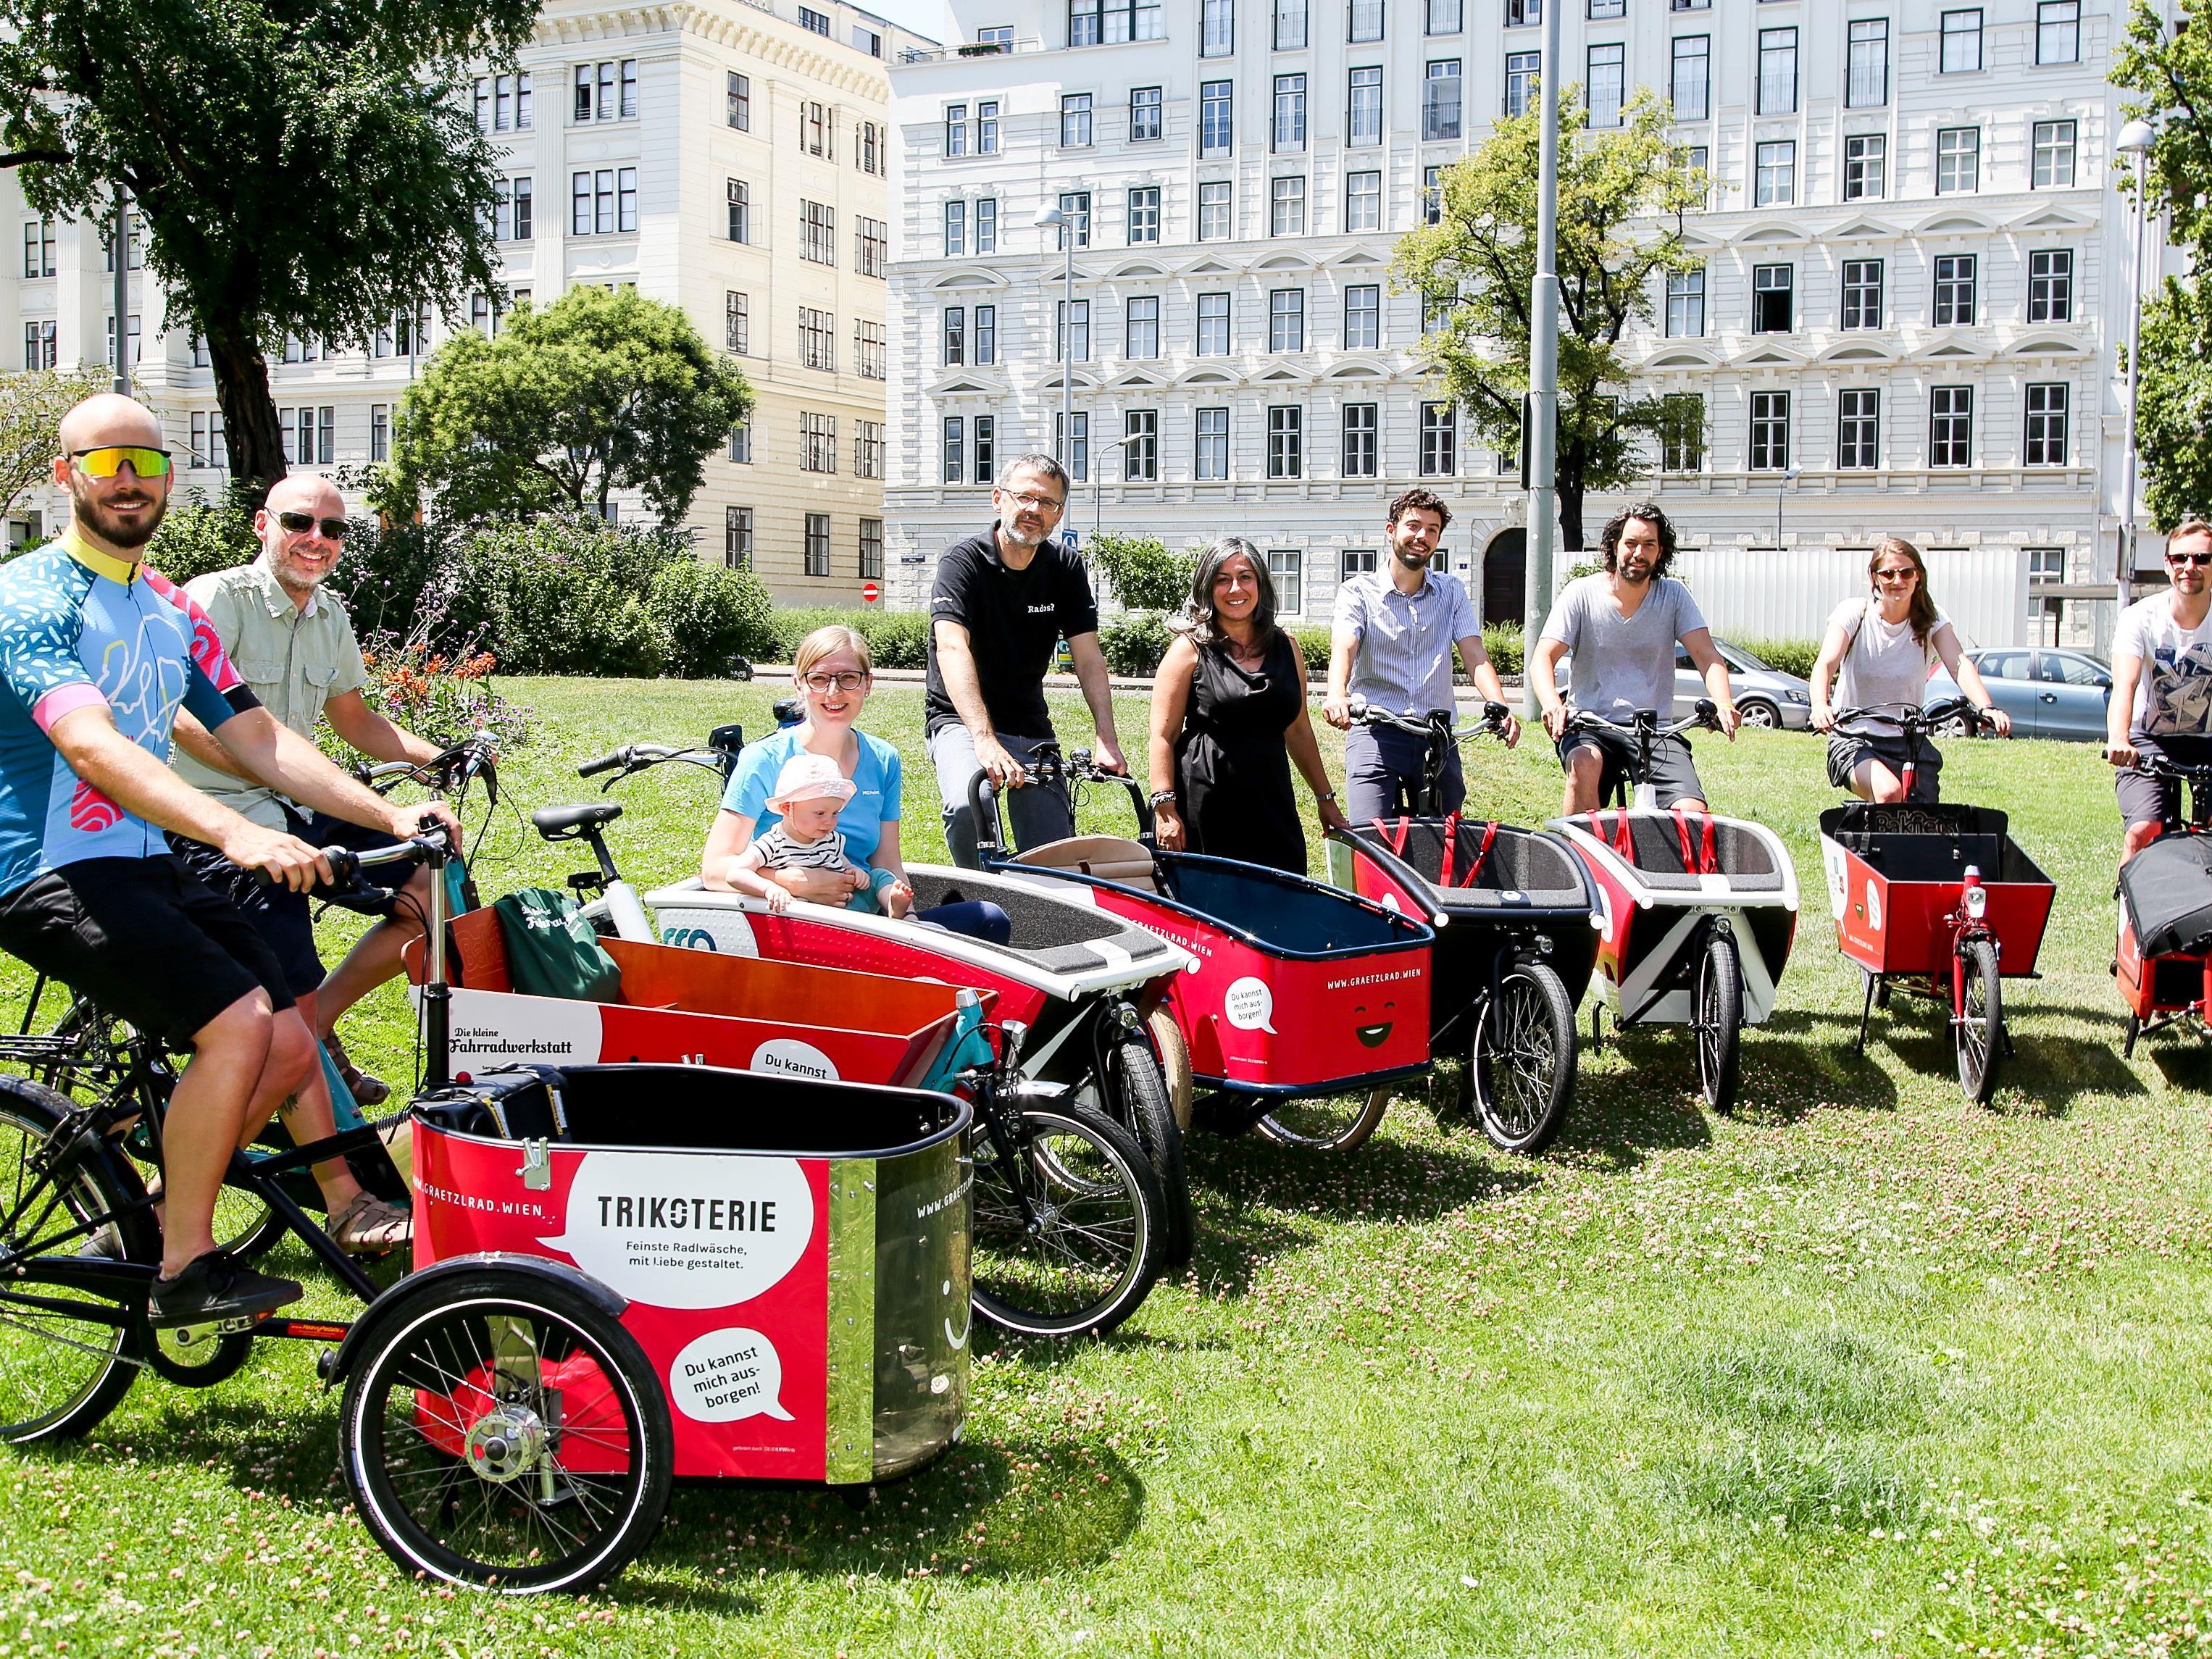 In Wien kann man nun Gratis-Transporträder ausleihen